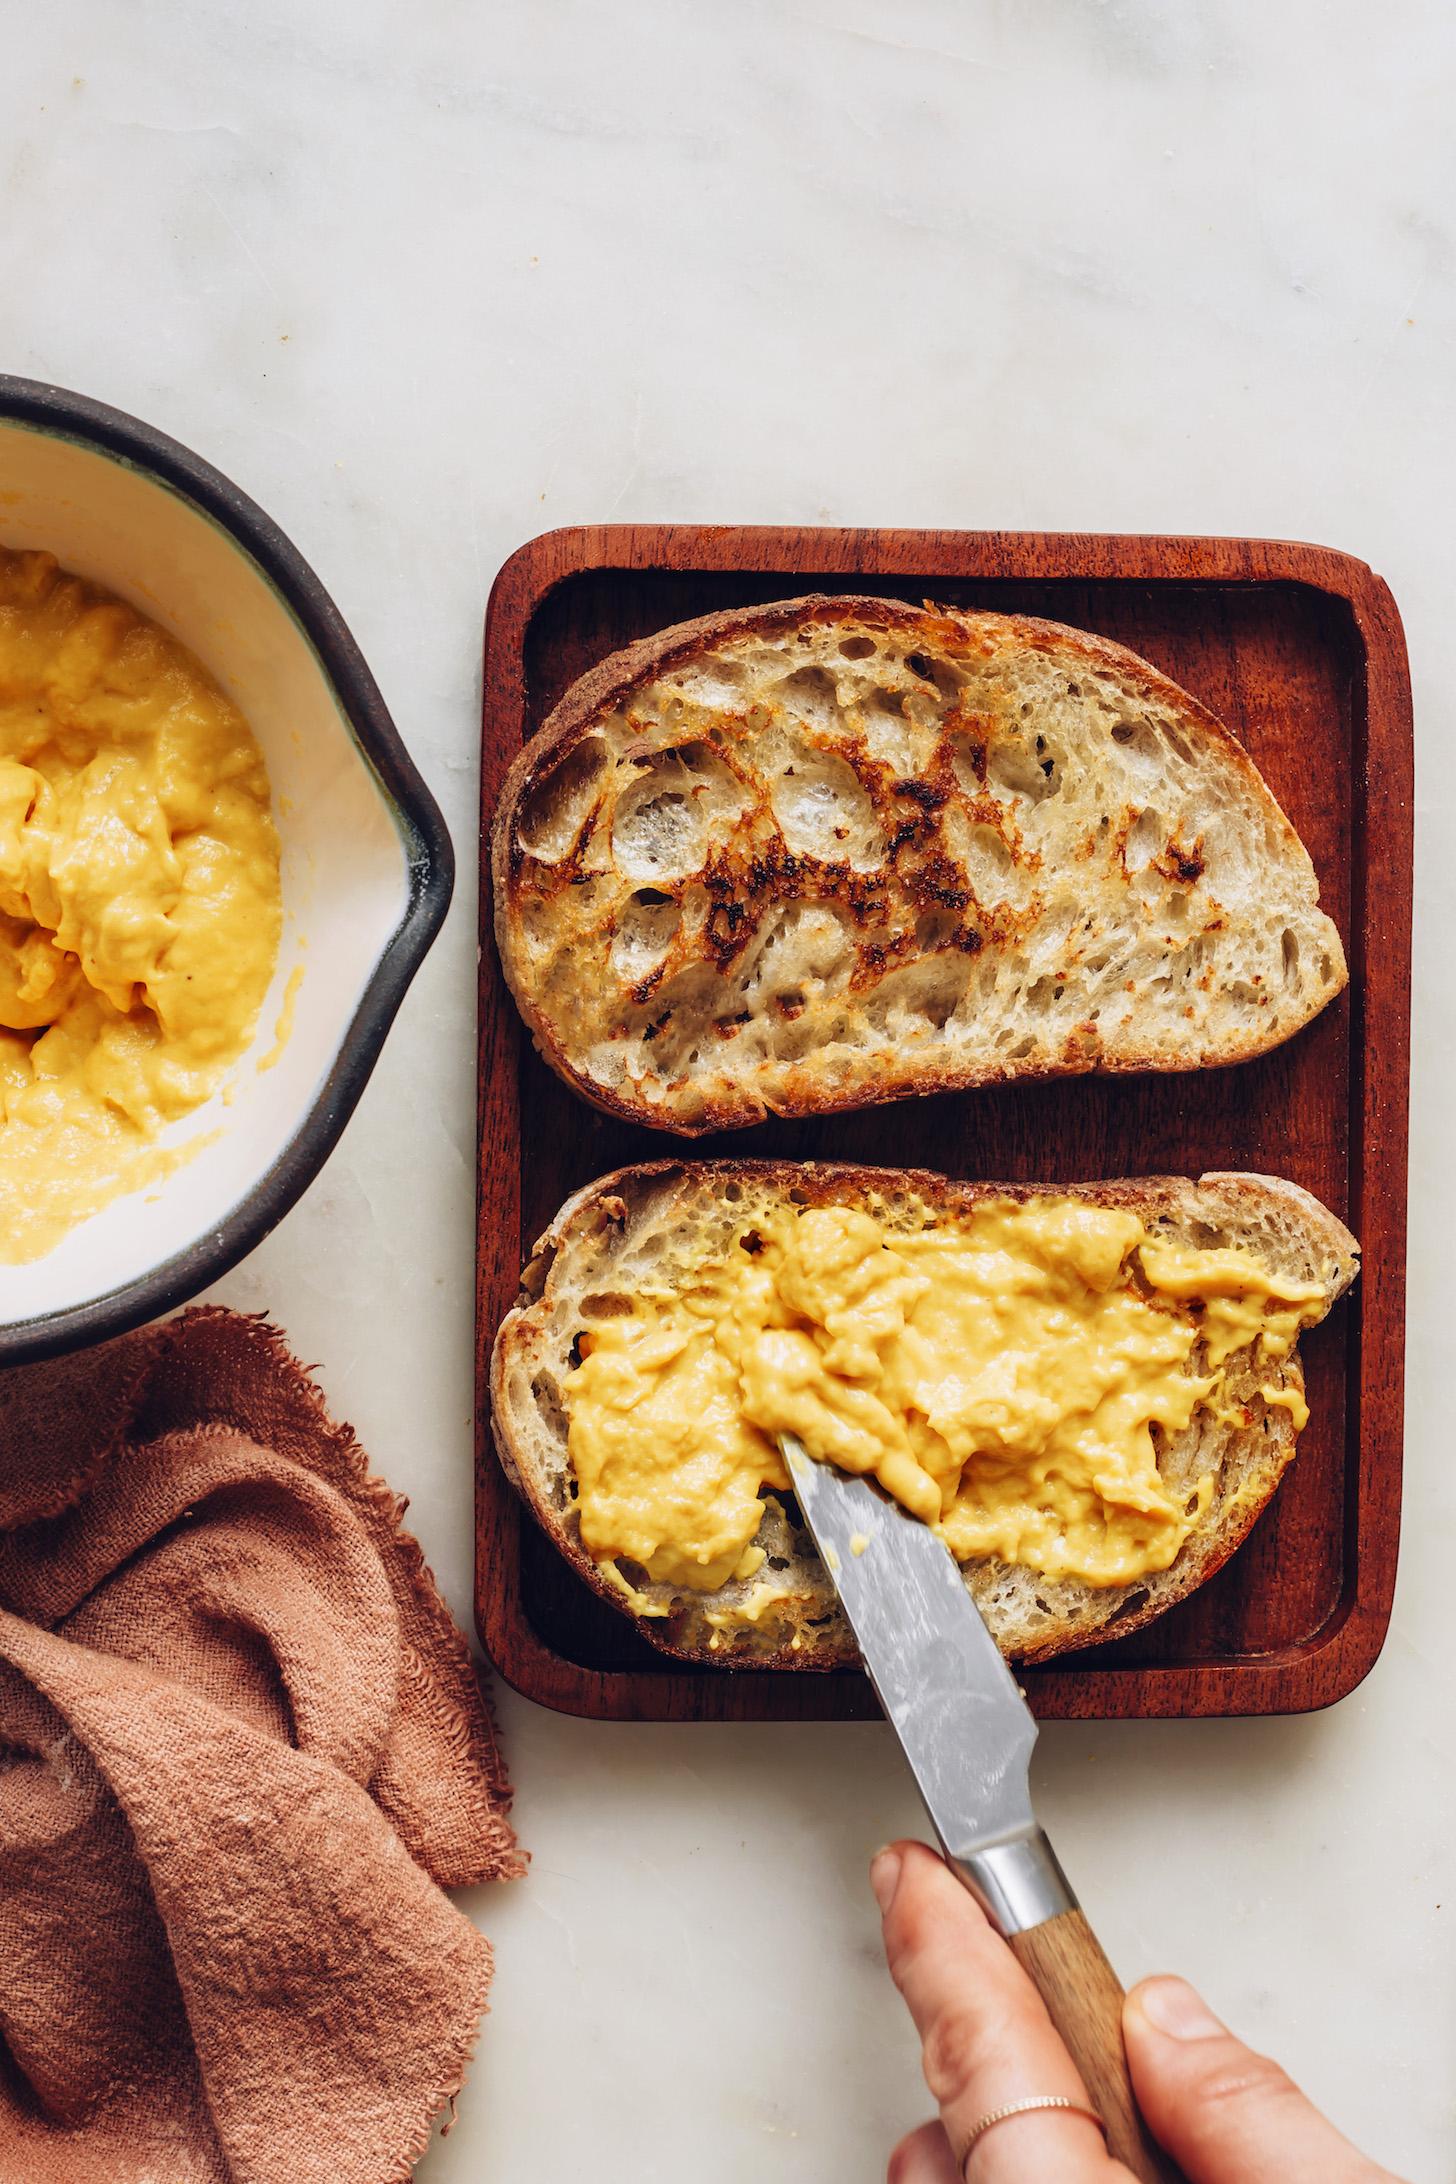 Spreading vegan cheddar cheese onto sourdough bread